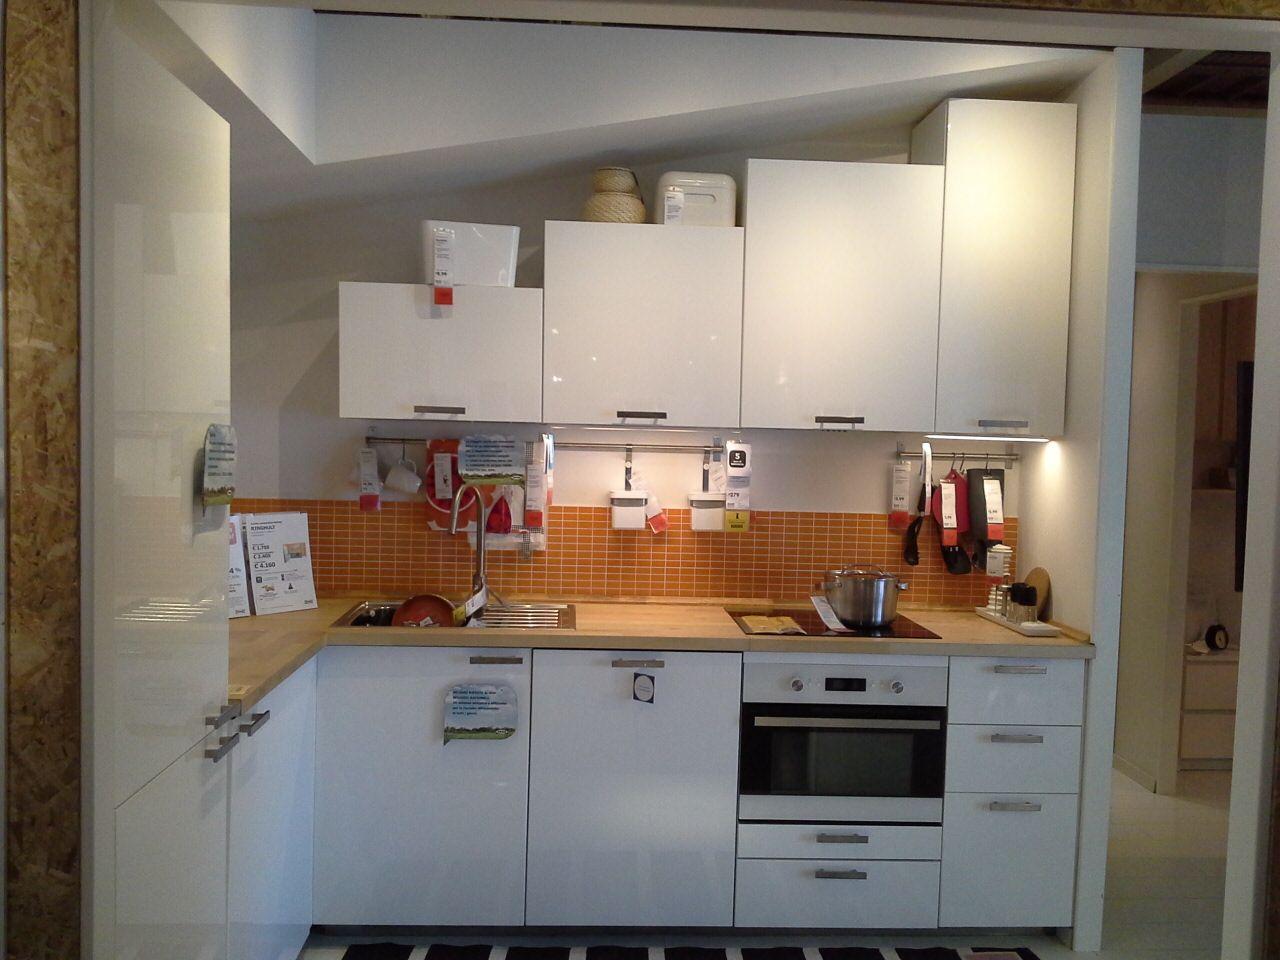 I pensili della cucina componibile IKEA METOD hanno altezze che variano da 100 cm a 40 cm in